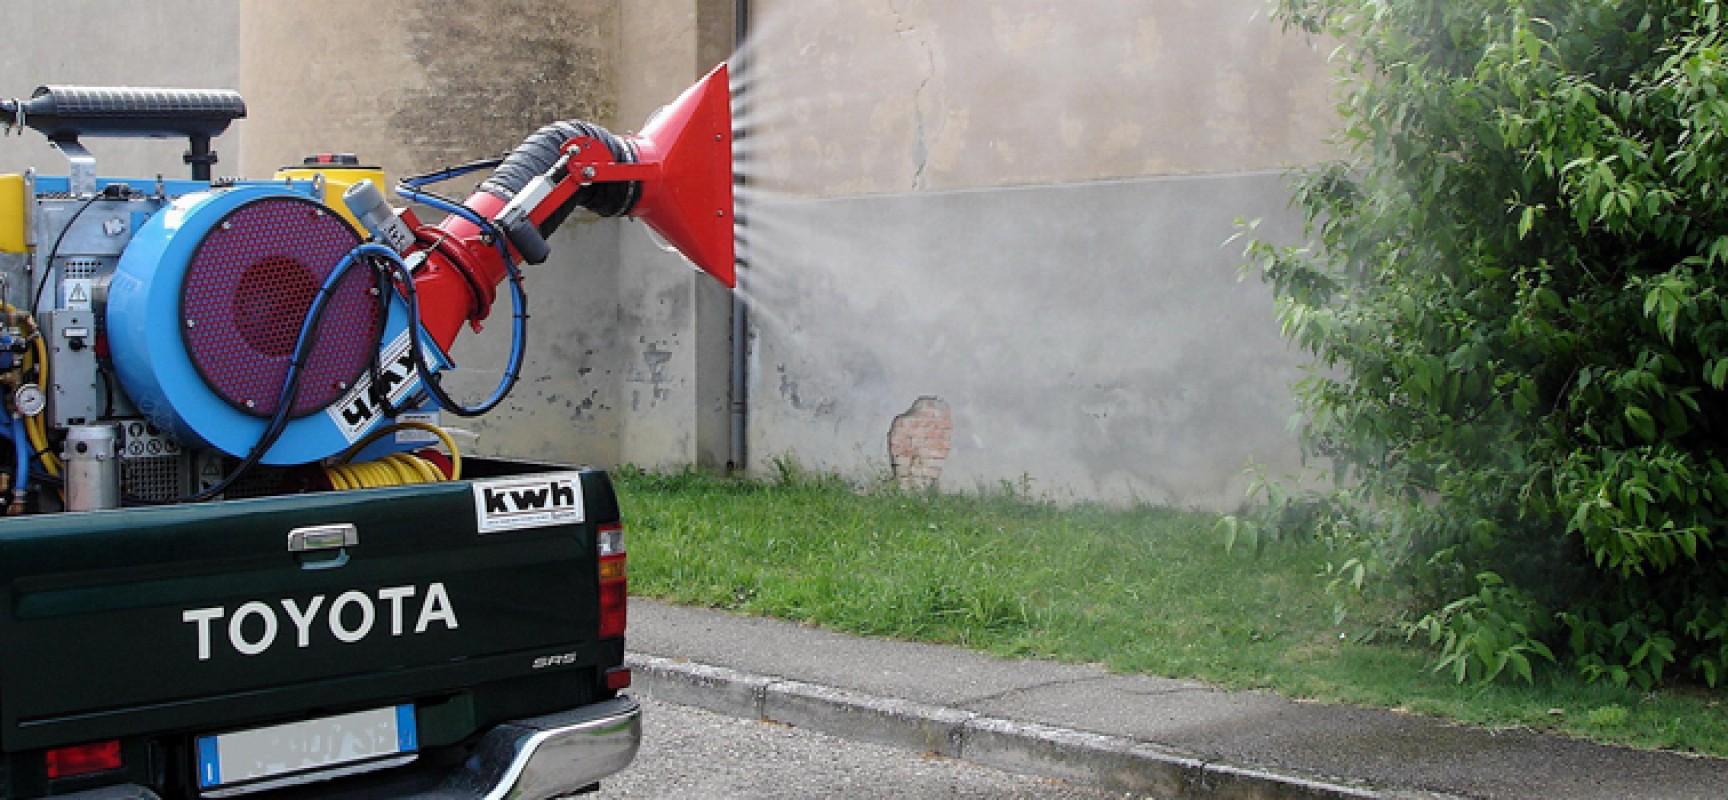 Nuova disinfestazione contro mosche e zanzare in tutta la città